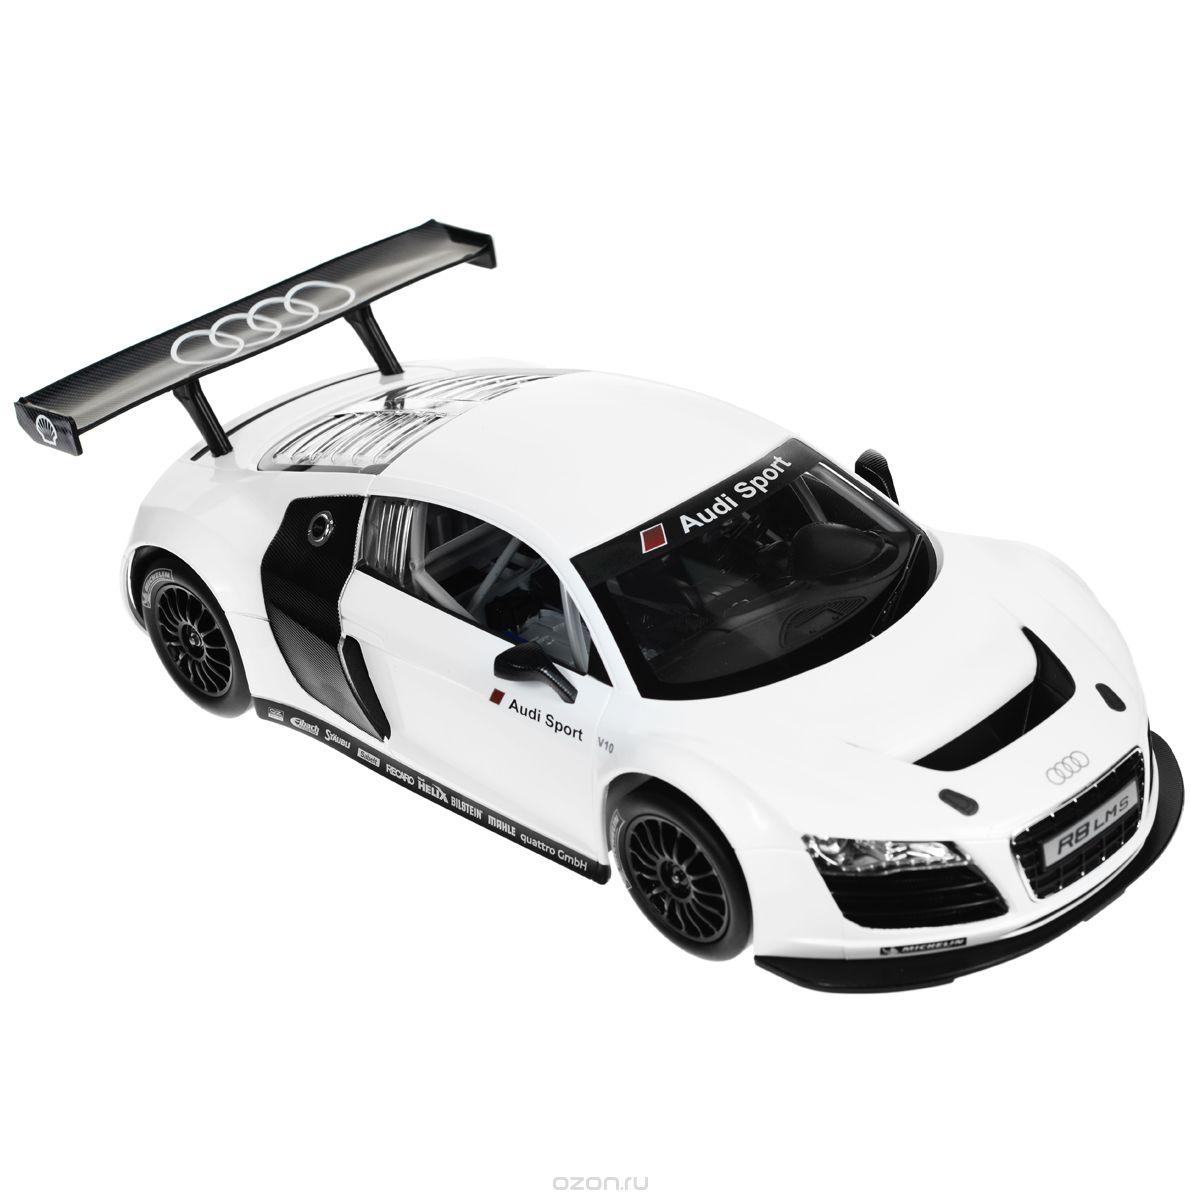 """Радиоуправляемая модель """"Audi R8 LMS"""" со световыми эффектами, являющаяся точной копией настоящего автомобиля, - отличный подарок не только ребенку, но и взрослому. Автомобиль с литым корпусом изготовлен из современных прочных материалов и обладает высокой стабильностью движения, что позволяет полностью контролировать его процесс, управляя без суеты и страха сломать игрушку. Основные направления движения автомобиля: вперед-назад-влево-вправо. Движение вперед и назад сопровождается сигнальными световыми эффектами фар. В комплект входят автомобиль, пульт управления и инструкция на русском языке. Автомобиль работает от 5 батарей типа АА, пульт управления - от 1 батареи 9V 6F22 (не входят в комплект)."""